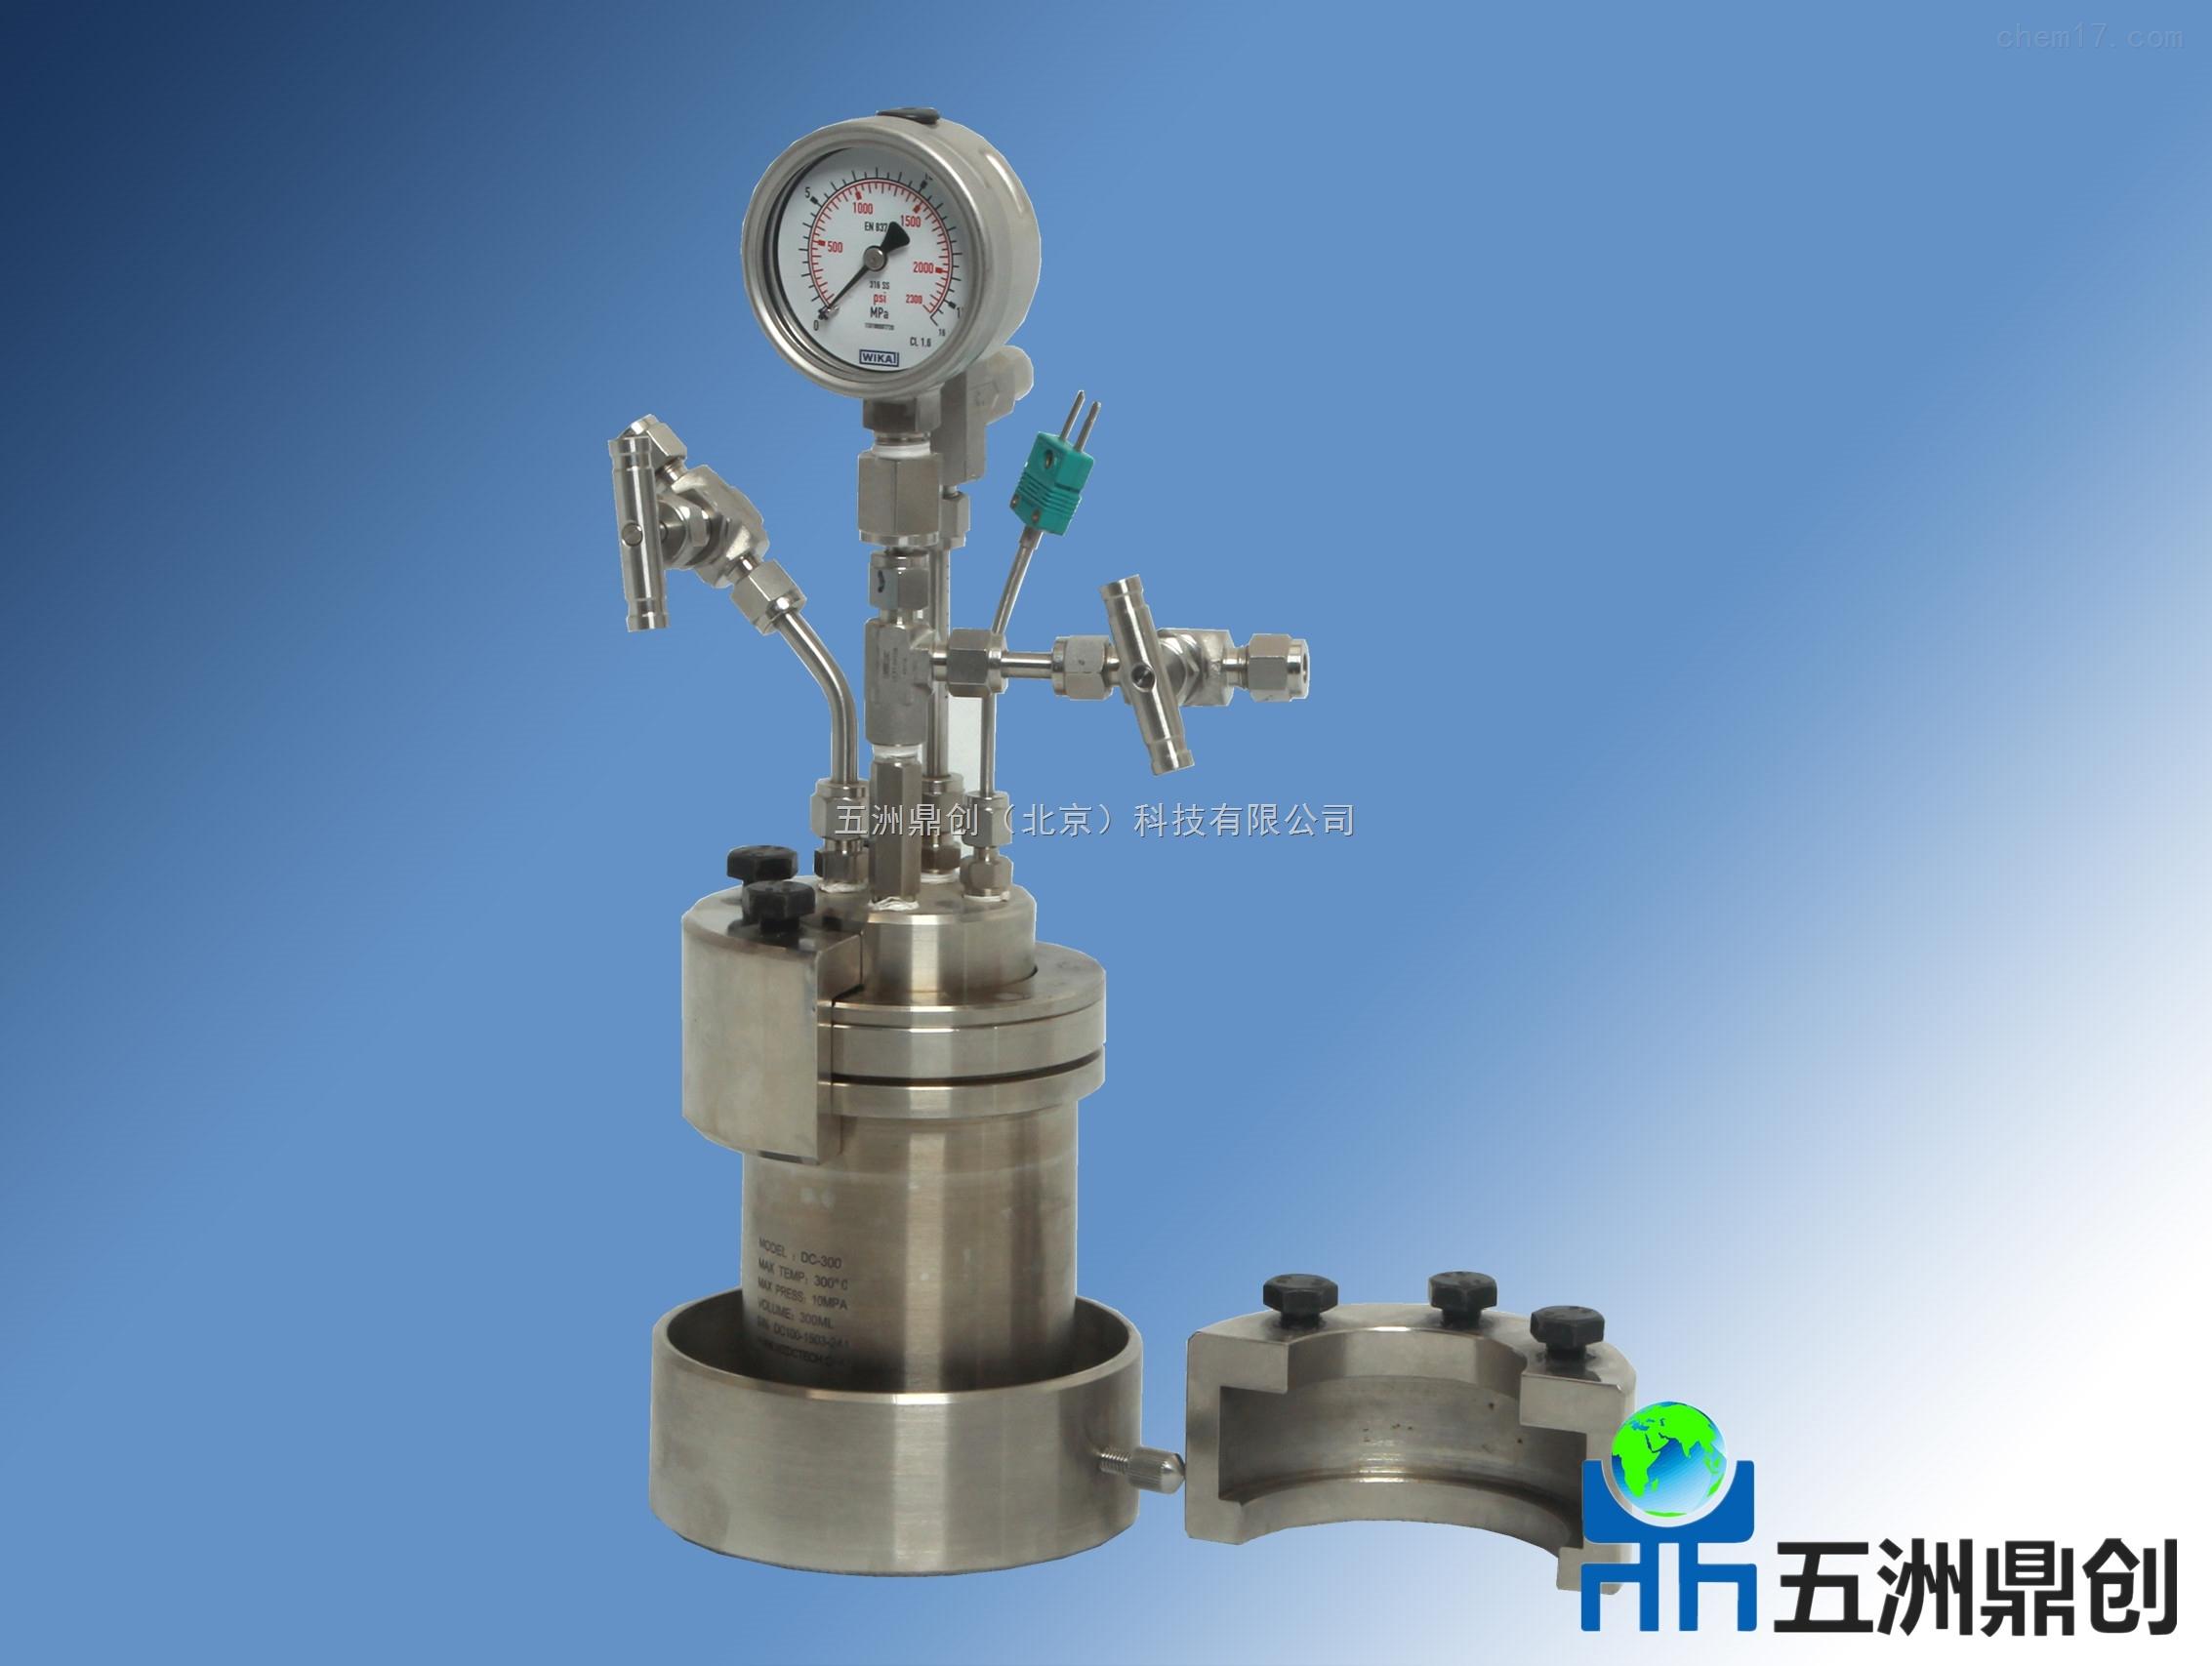 DC小型实验室用 加氢不锈钢简易高压反应釜